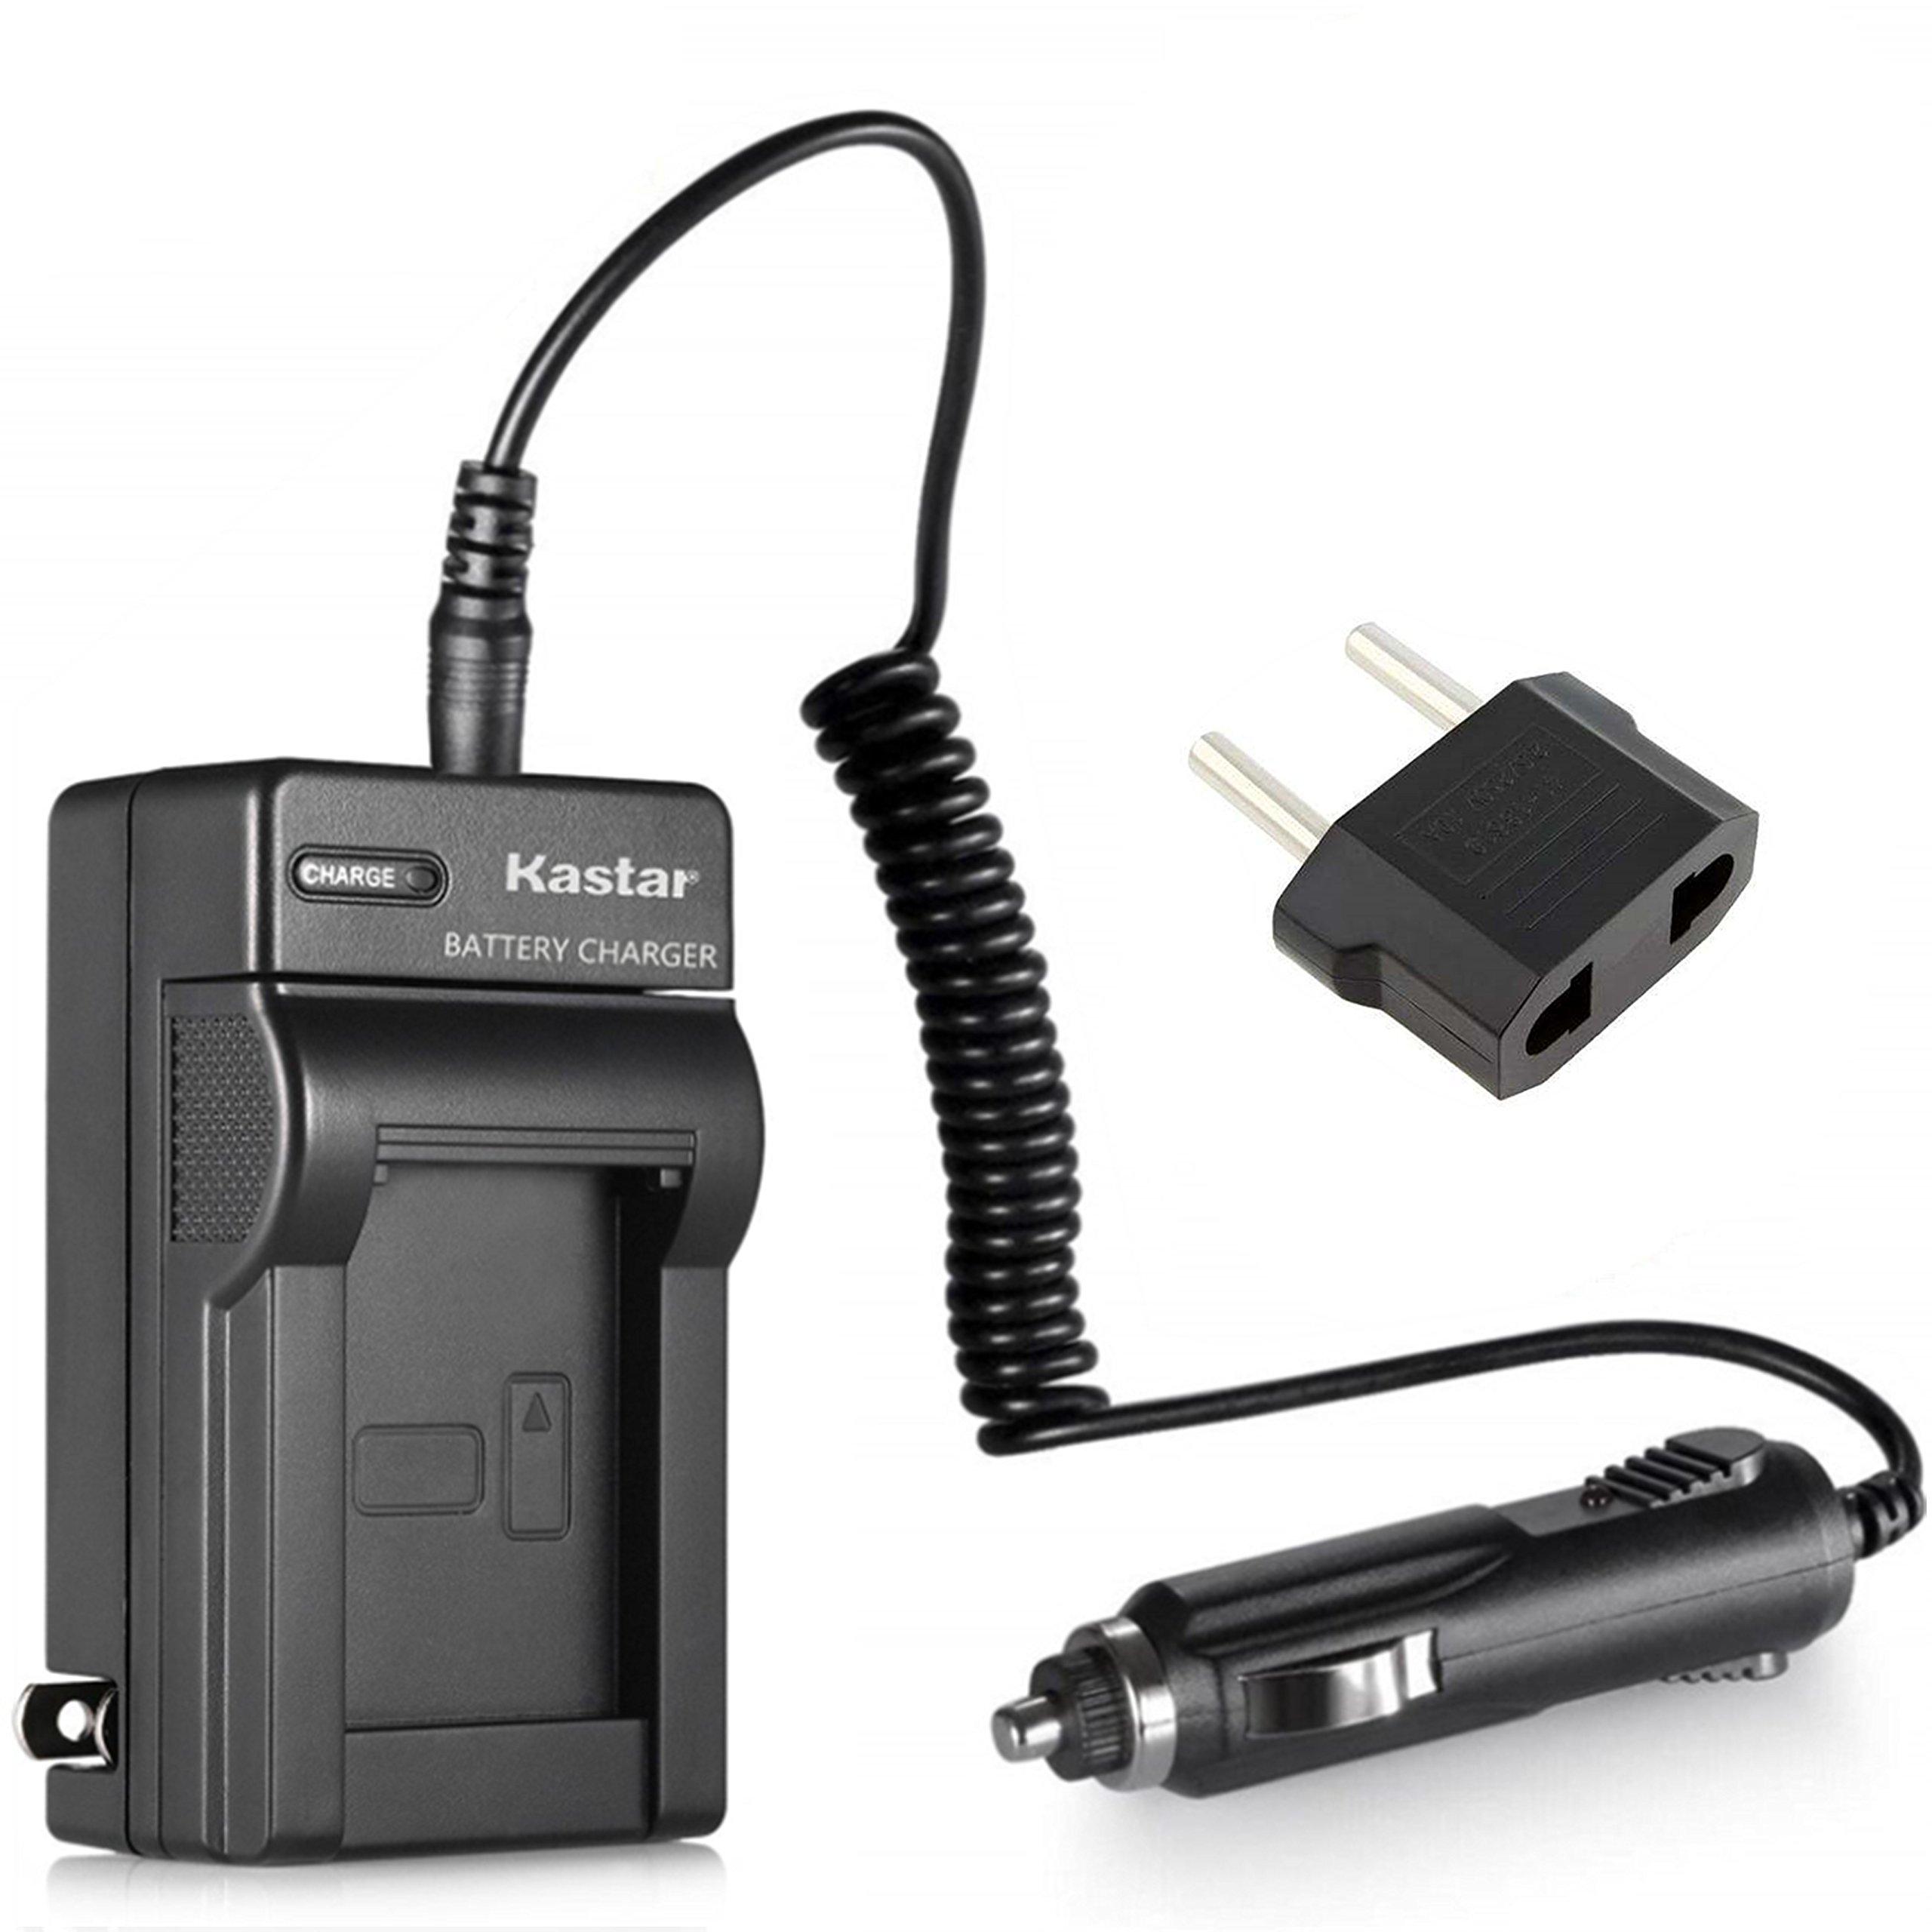 Battery Charger for Panasonic AG-HMC40, AG-AF100, AG-HMC150, AG-HMC80 Camcorder